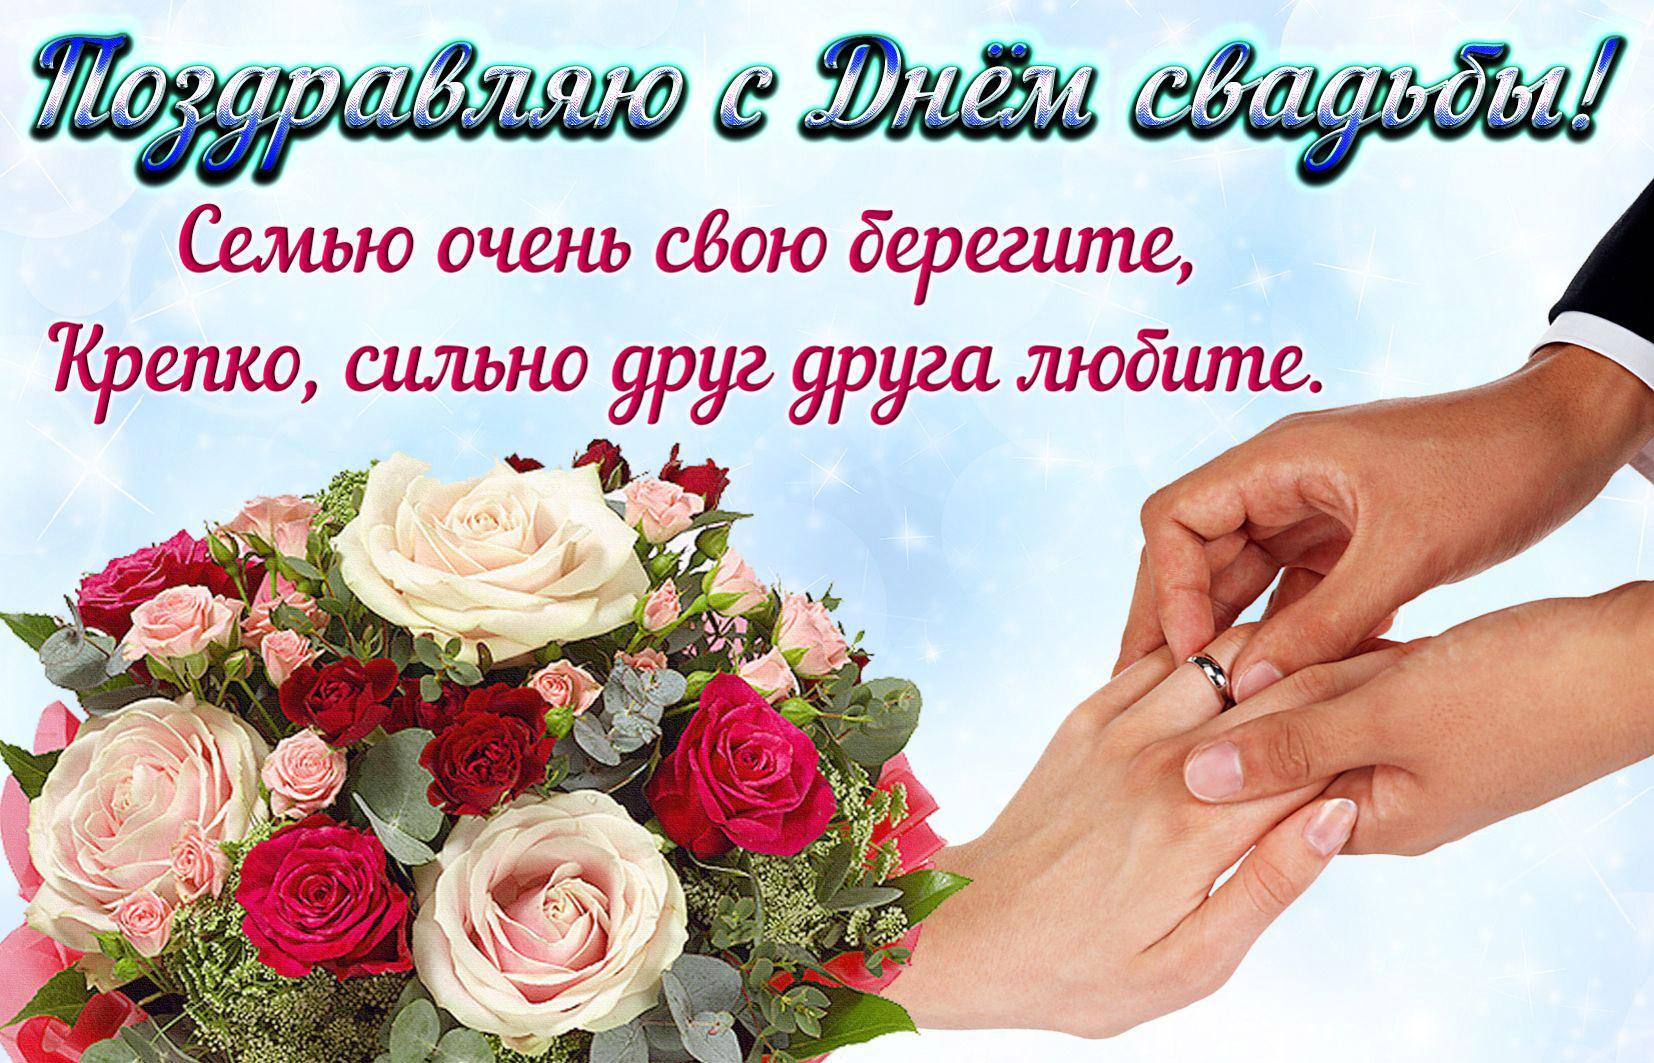 Поздравление на свадьбу в прозе коллеге мужчине